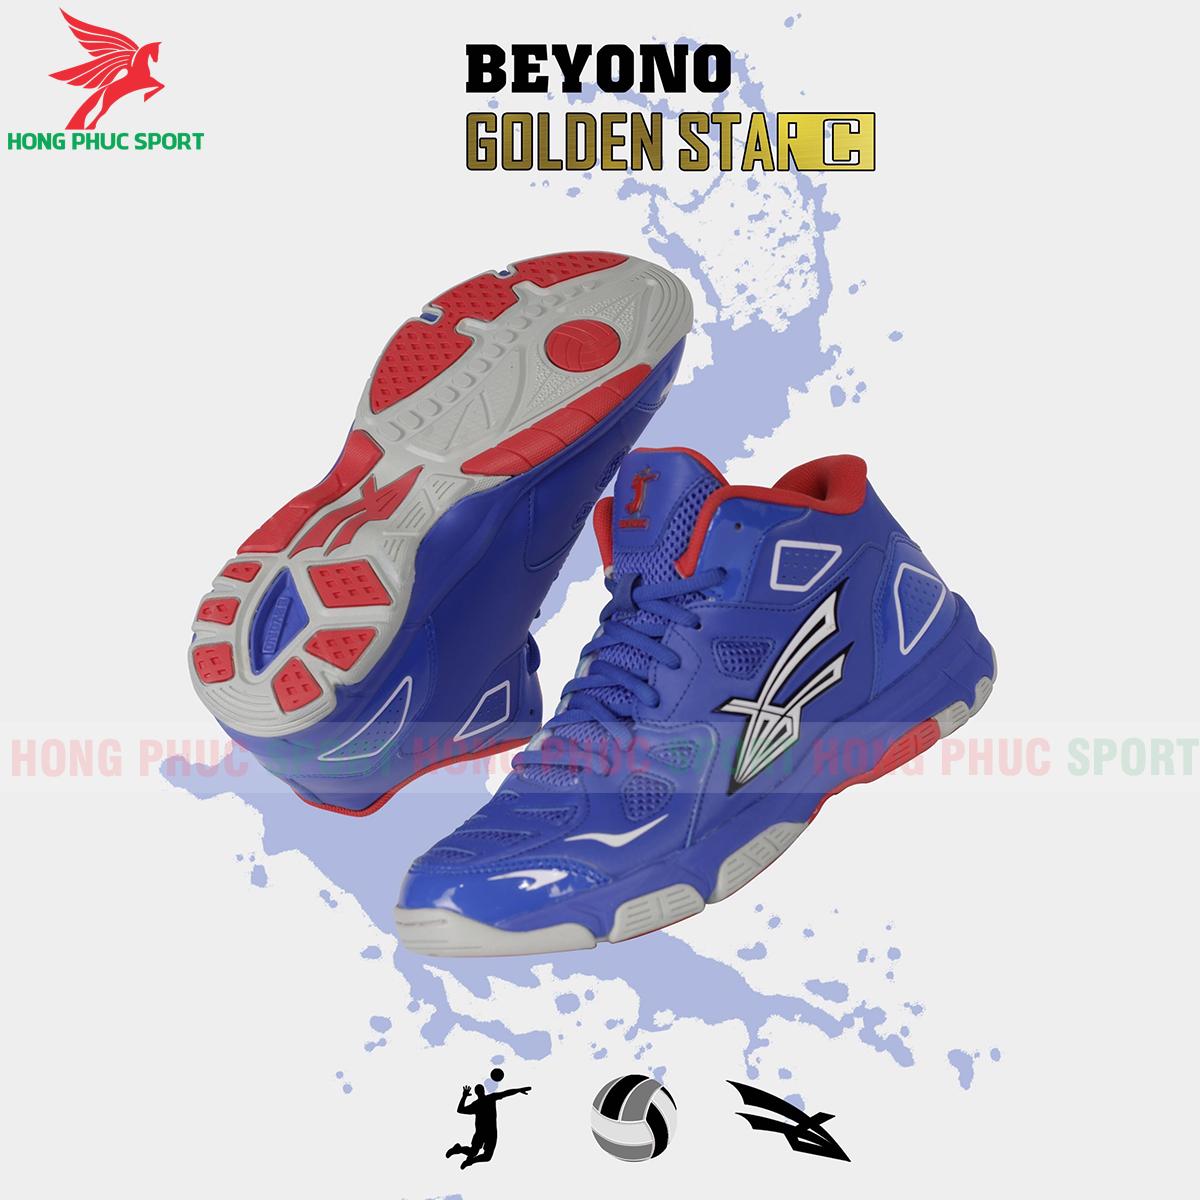 Giày bóng chuyền Beyono Golden Star C màu xanh dương